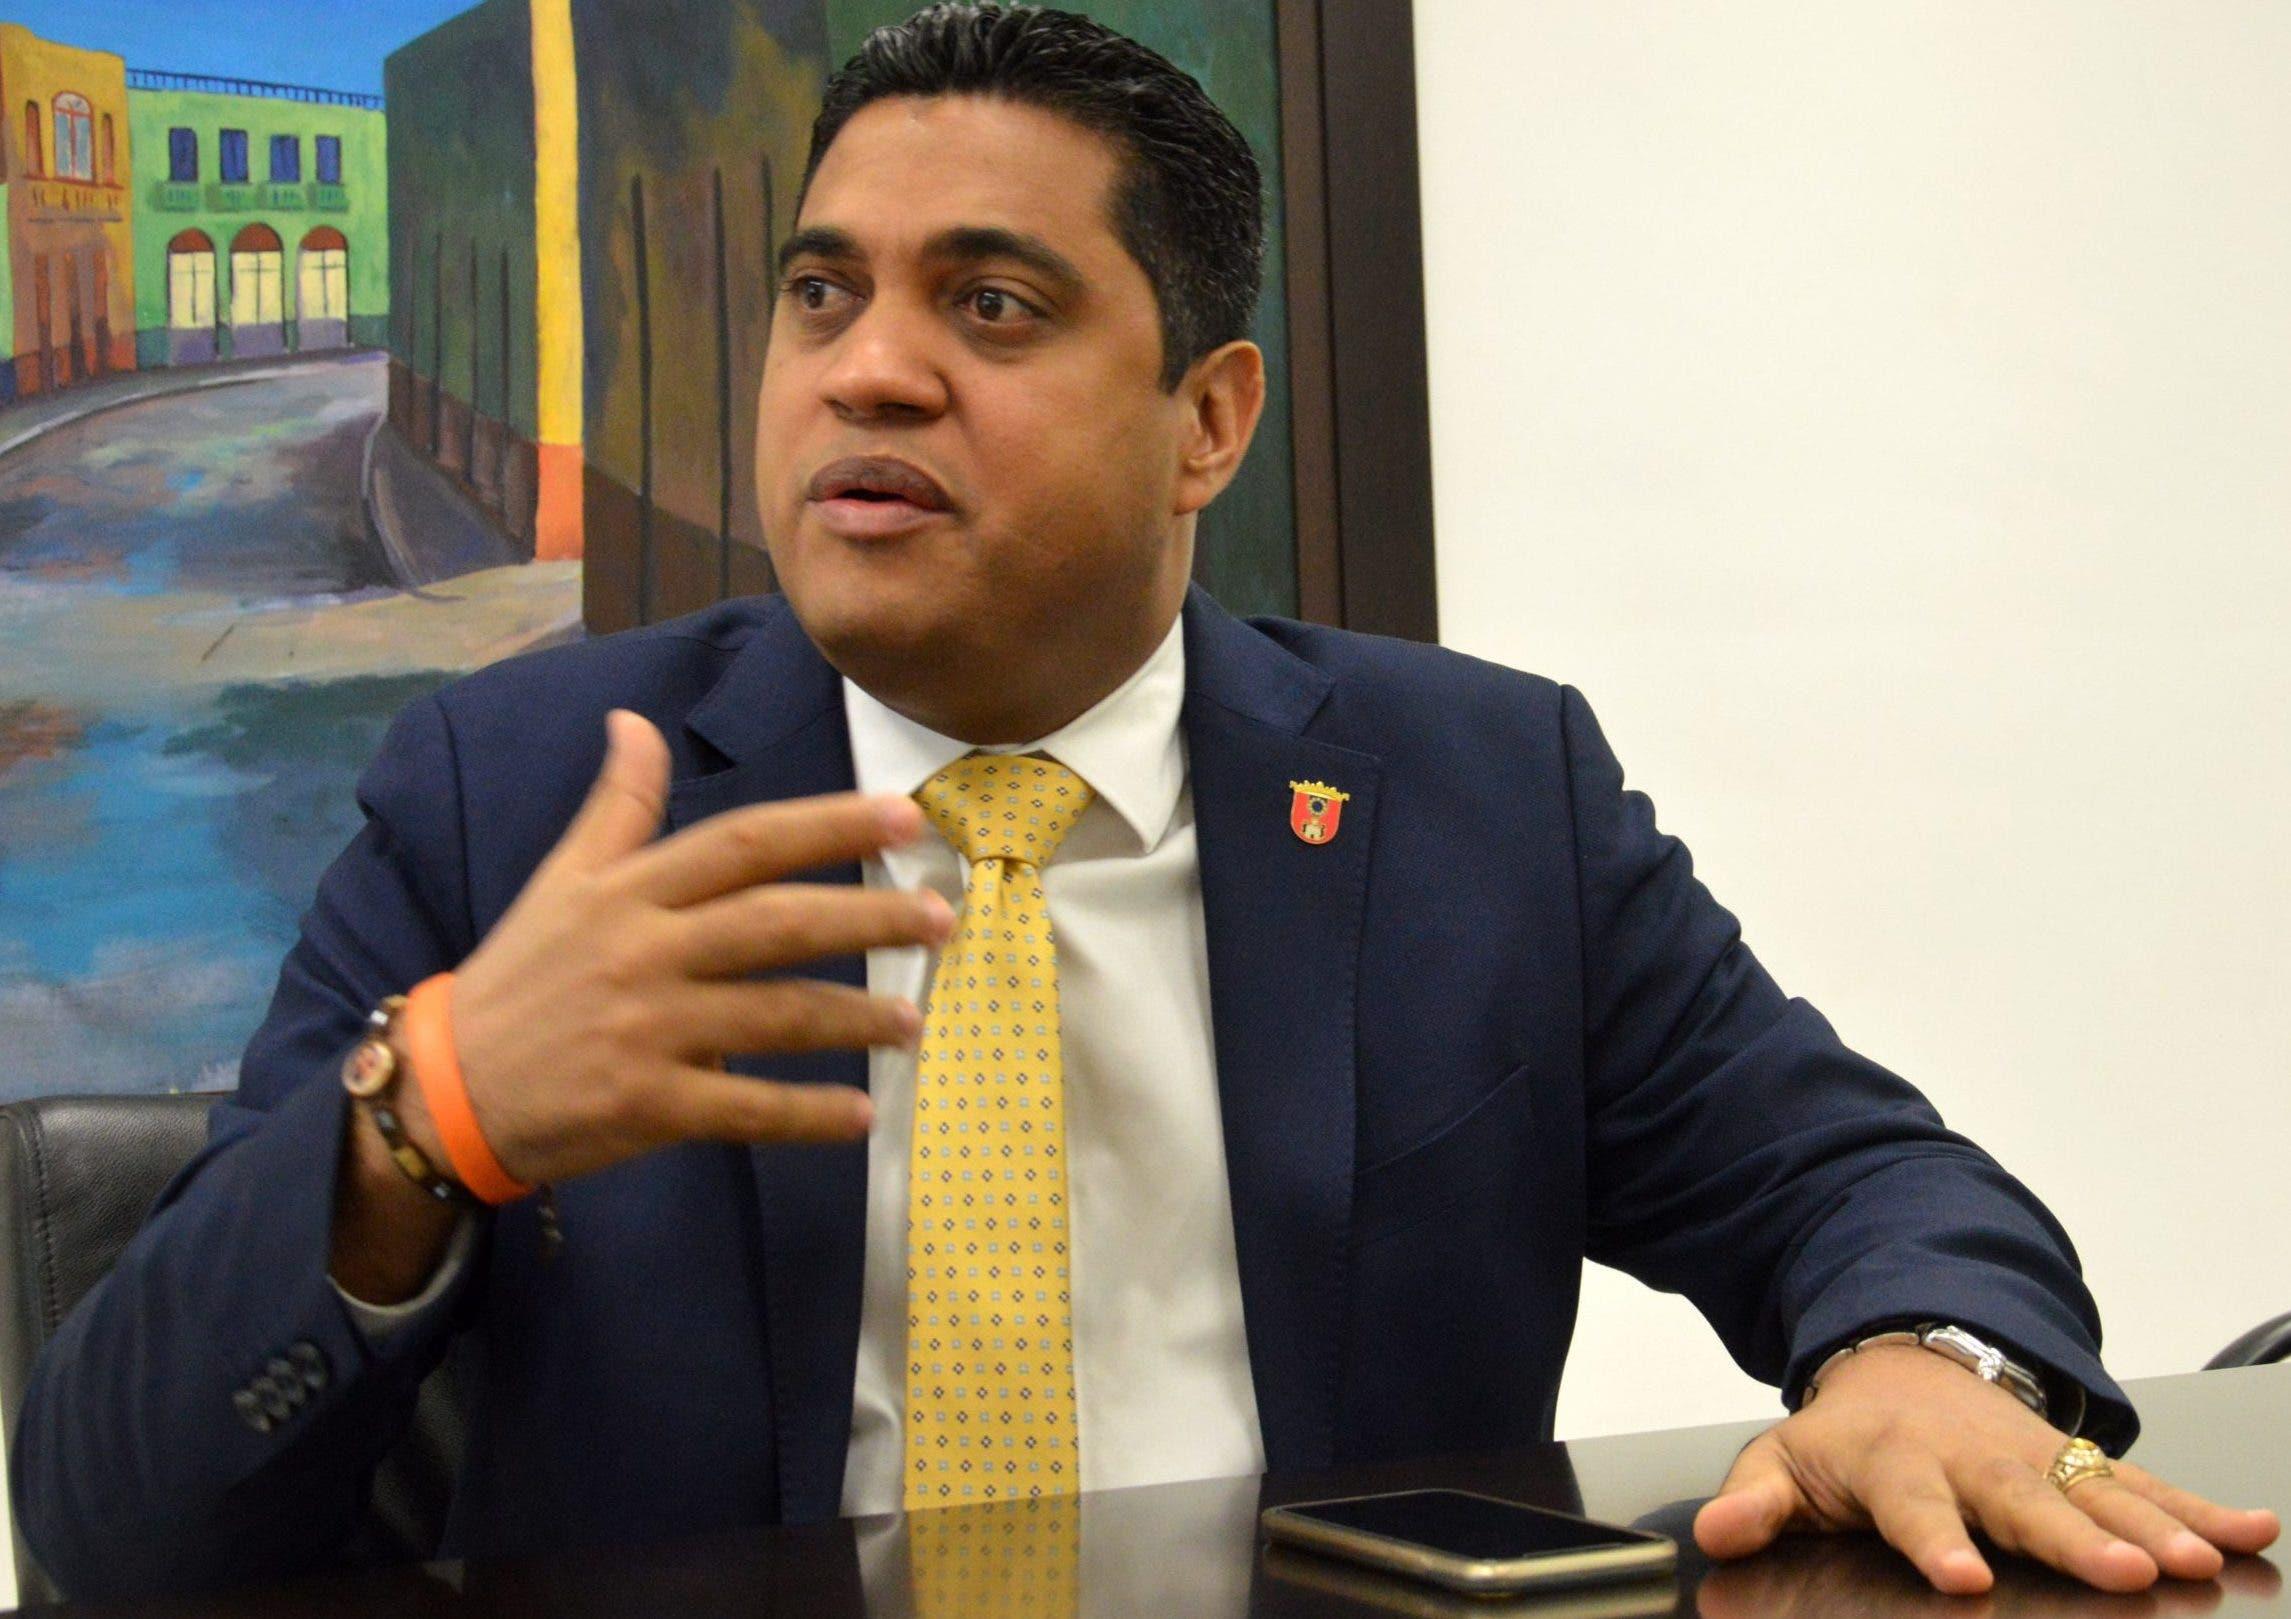 Presidente Fedomu advierte aumento salarial de alcaldes y regidores viola la Constitución